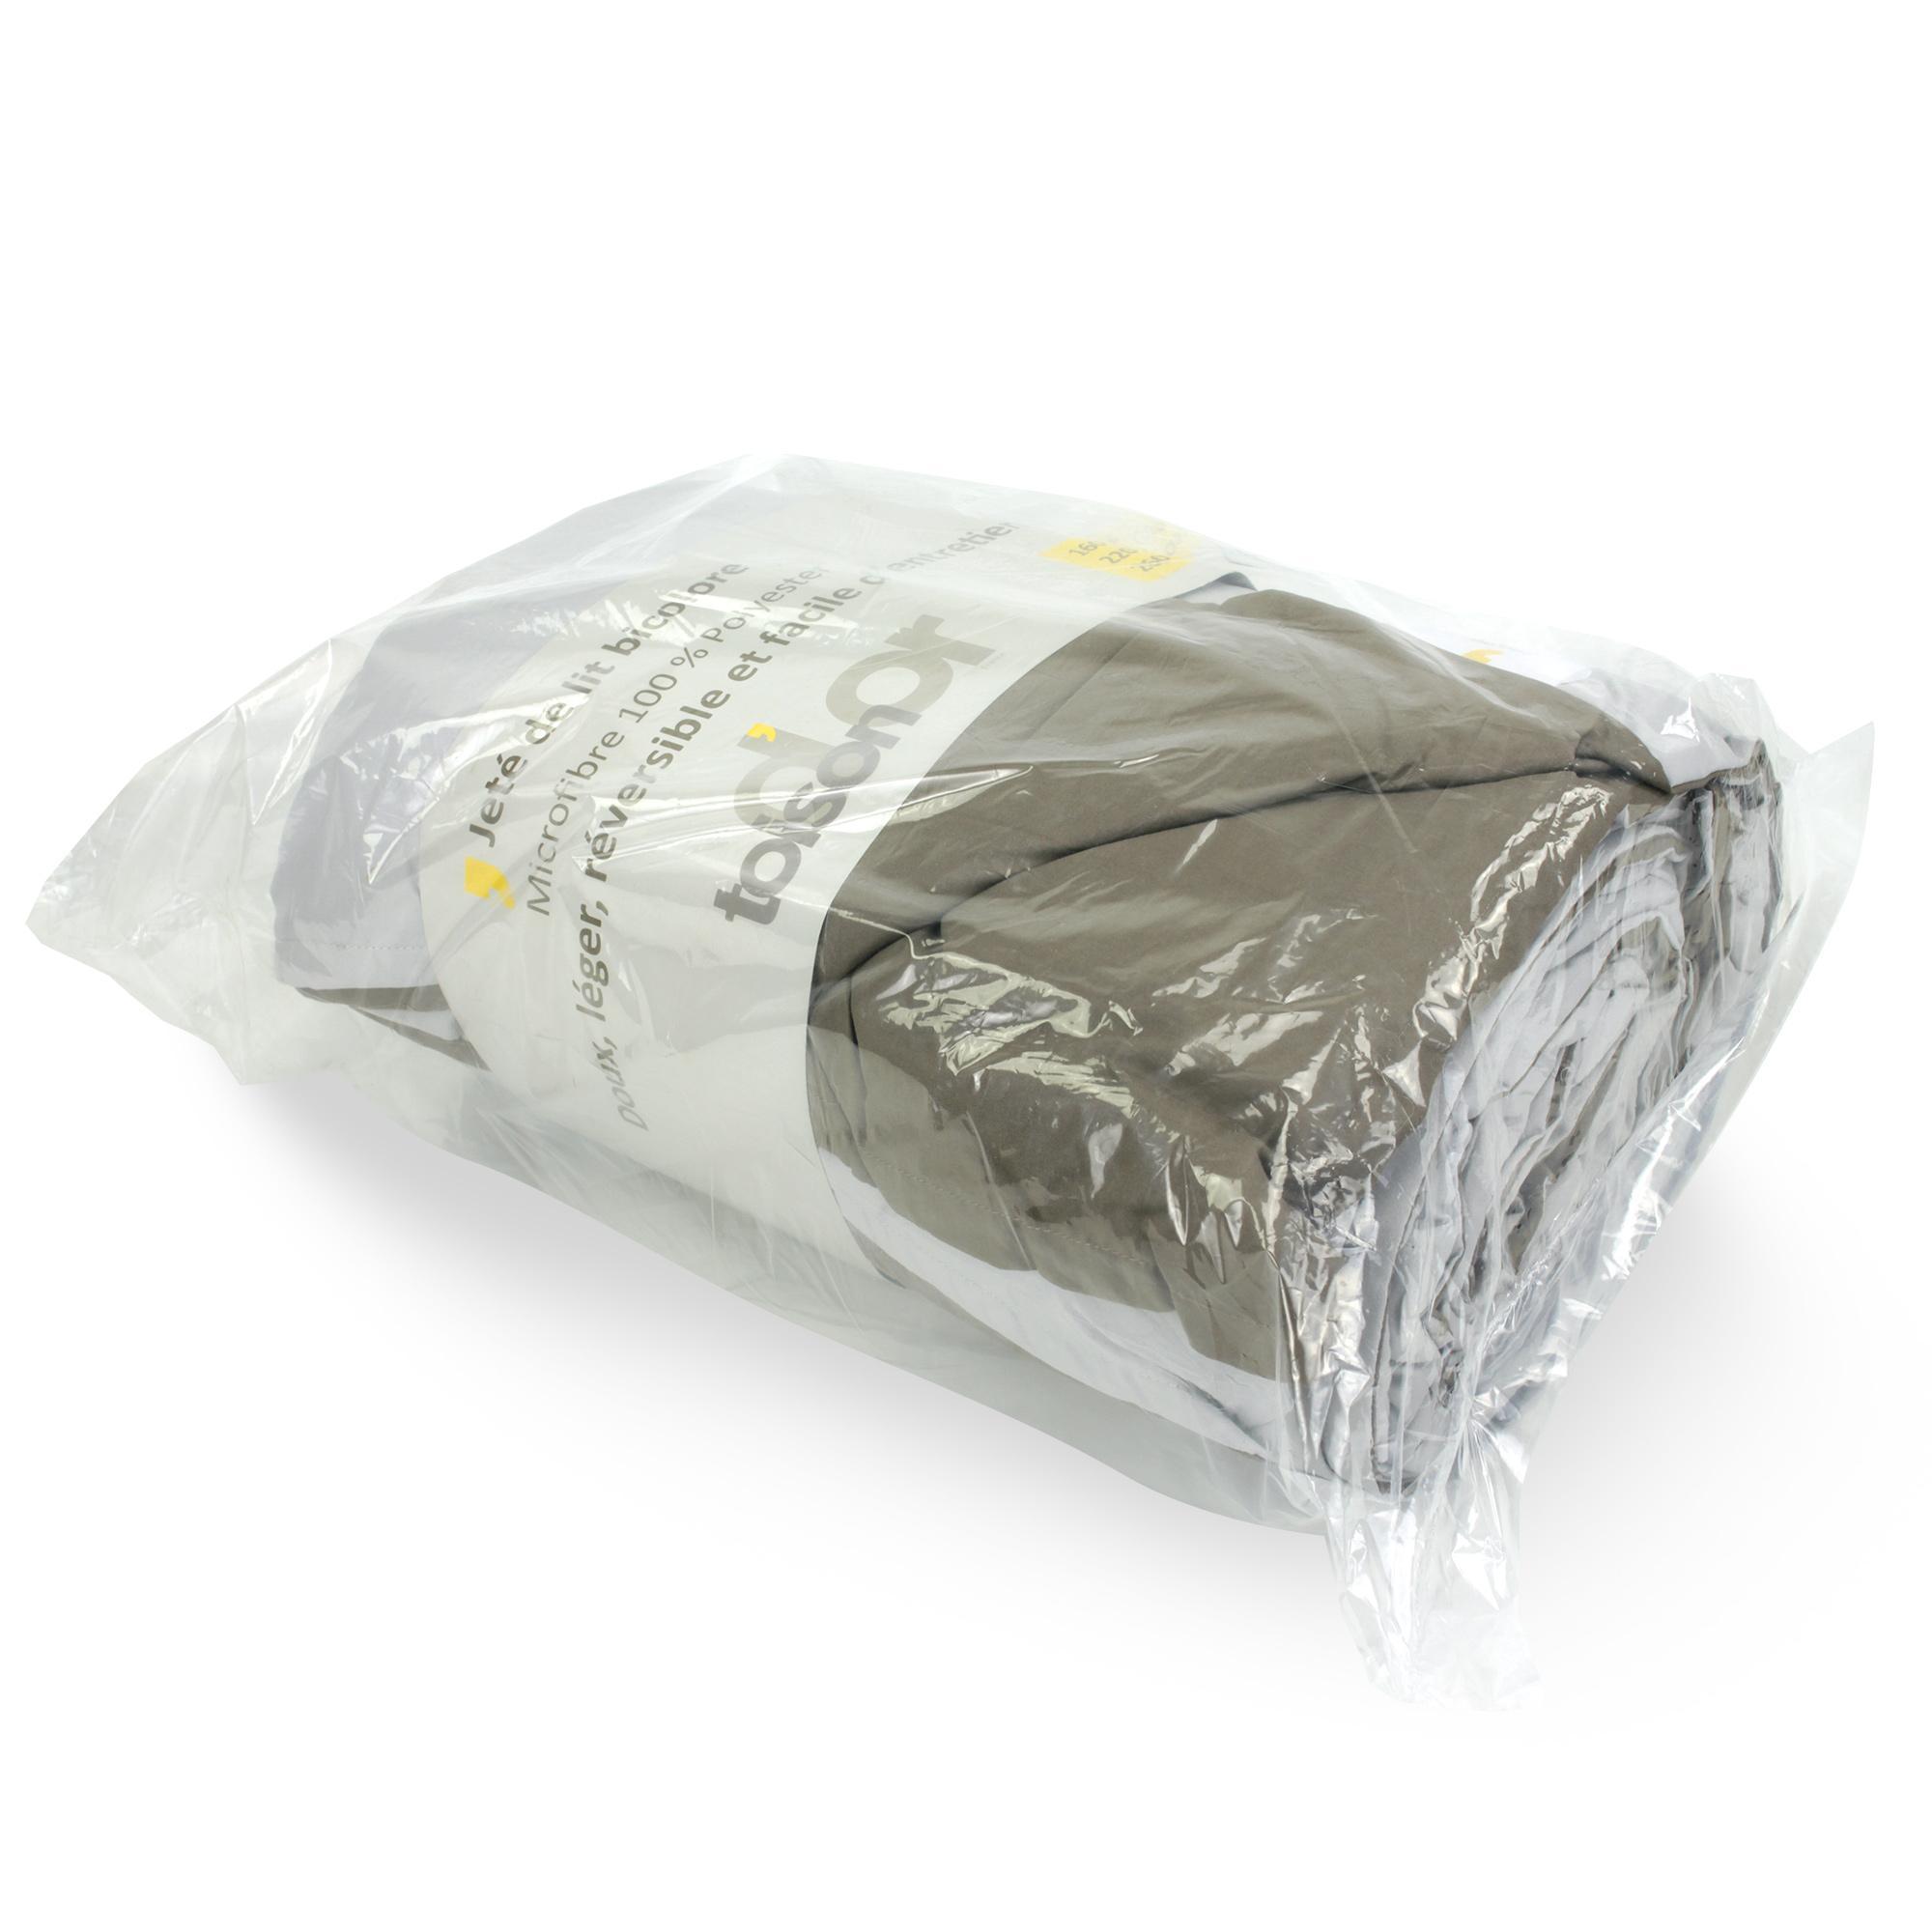 dessus de lit bicolore frisbee 220x240 cm perle taupe linnea vente de linge de maison. Black Bedroom Furniture Sets. Home Design Ideas